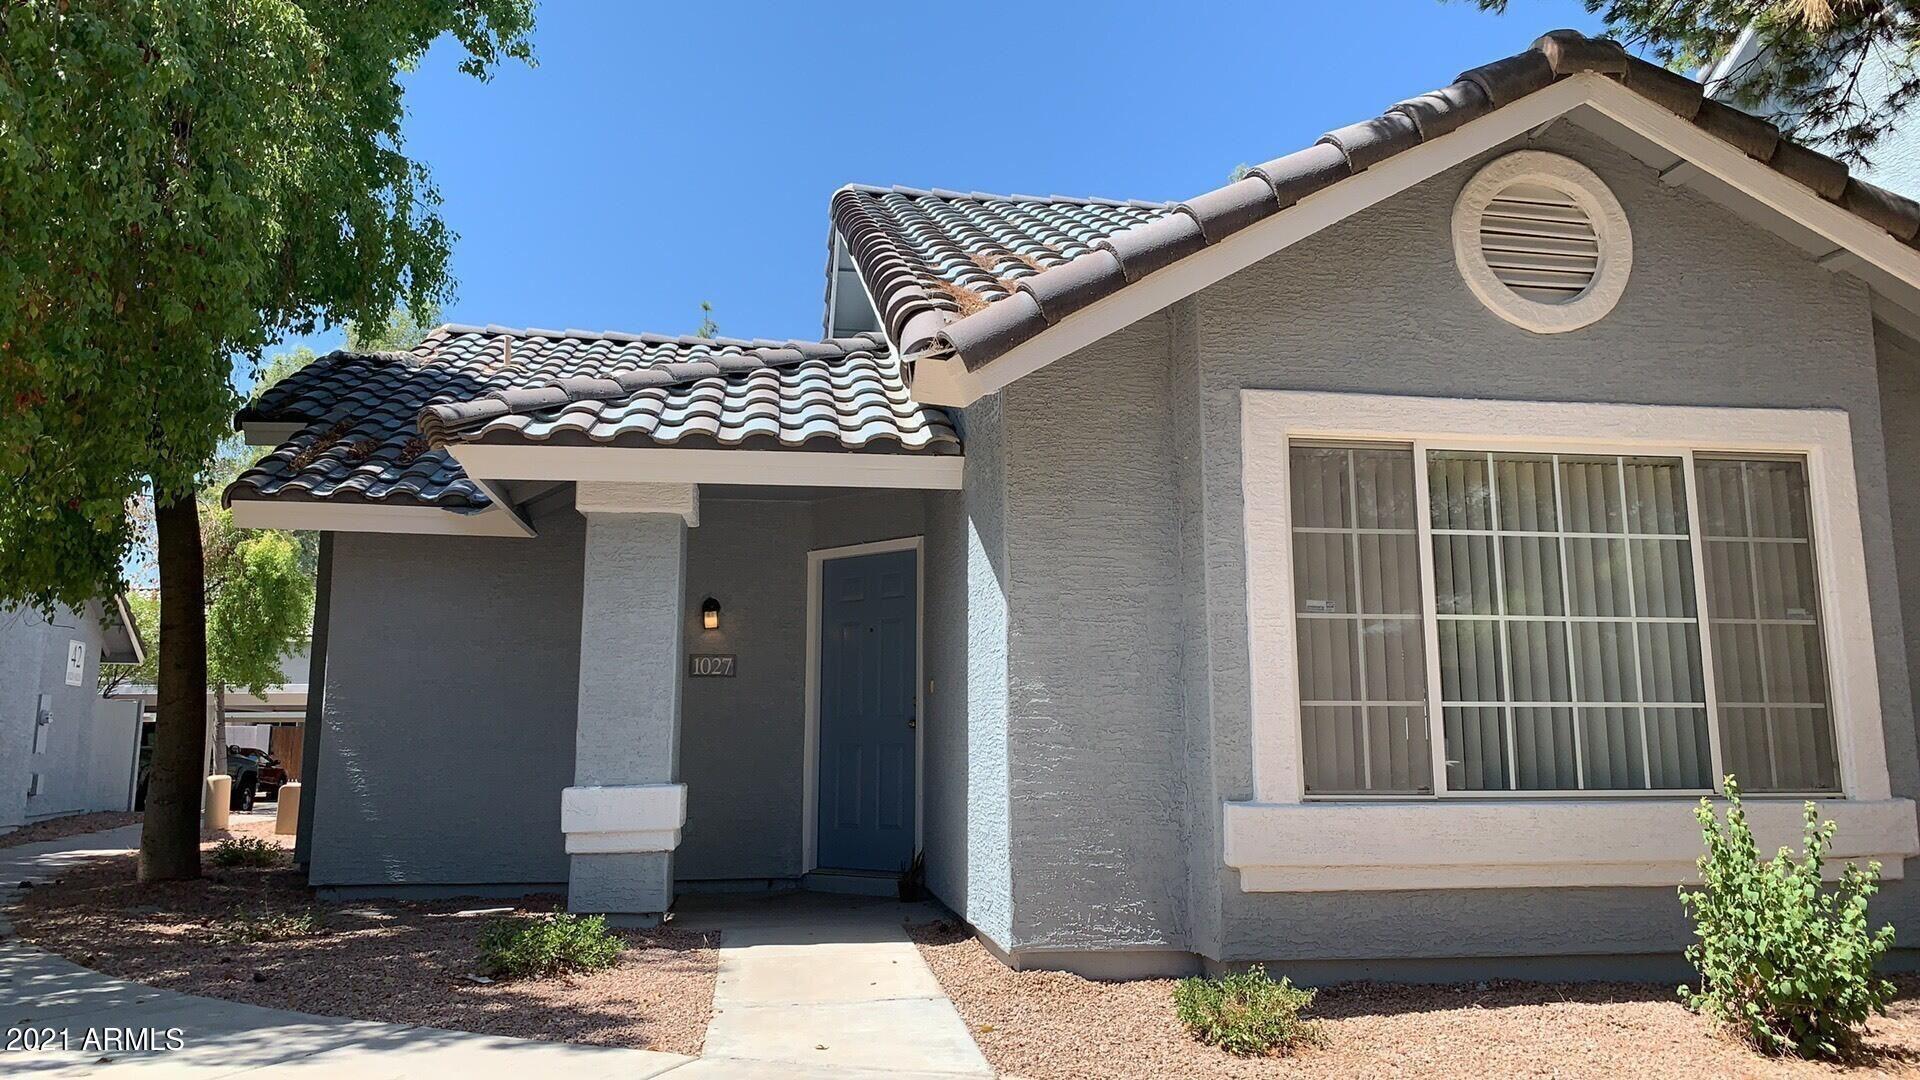 860 N MCQUEEN Road #1027, Chandler, AZ 85225 - MLS#: 6237401